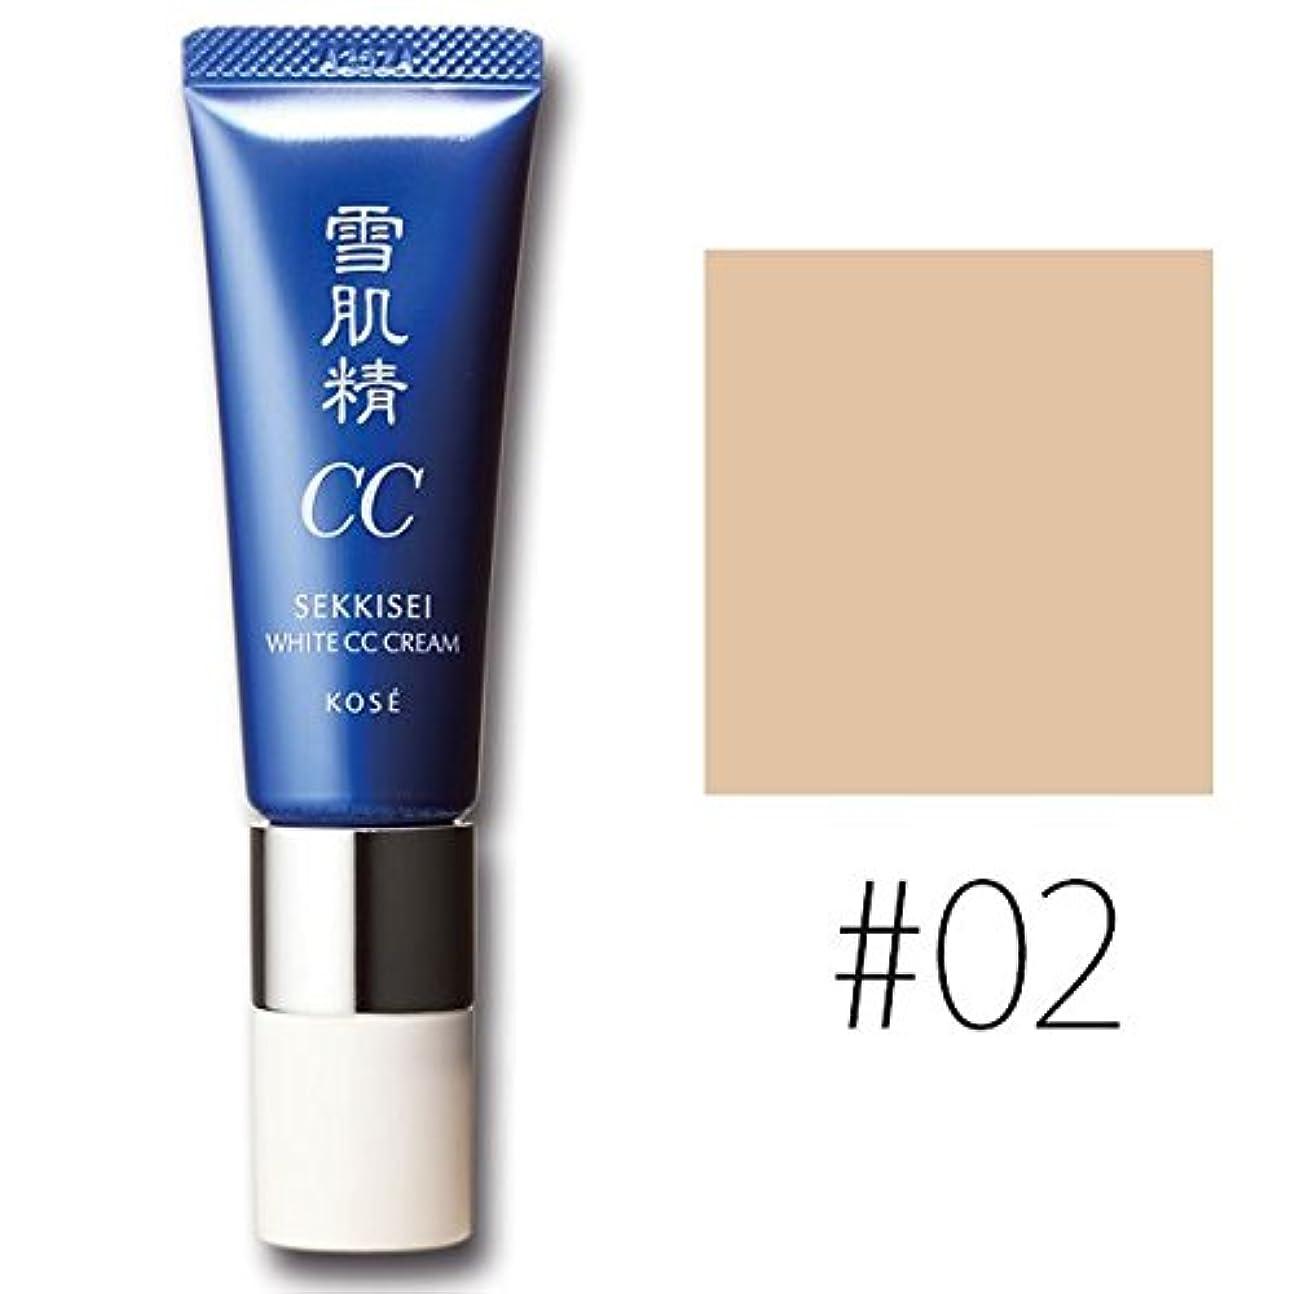 コンパイル西ライセンスコーセー 雪肌精 ホワイト CCクリーム【#02】 #OCHRE SPF50+/PA++++ 30g